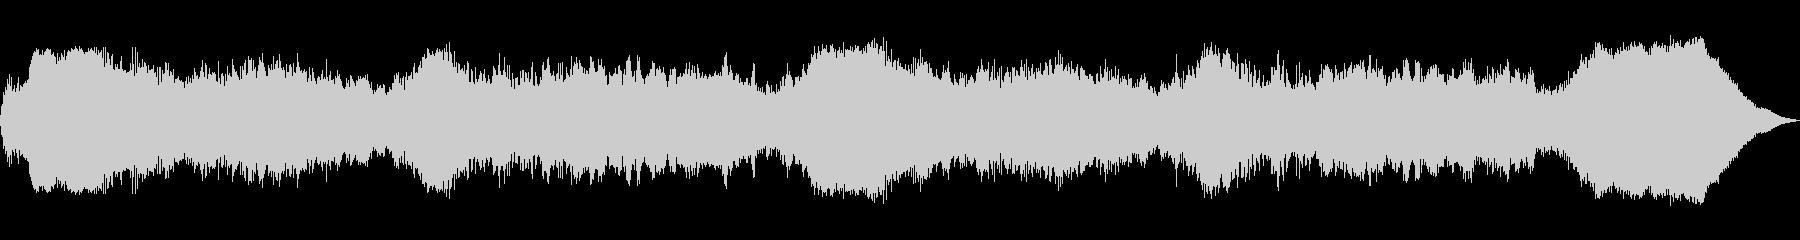 テーマ「秘儀」30秒BGMの未再生の波形